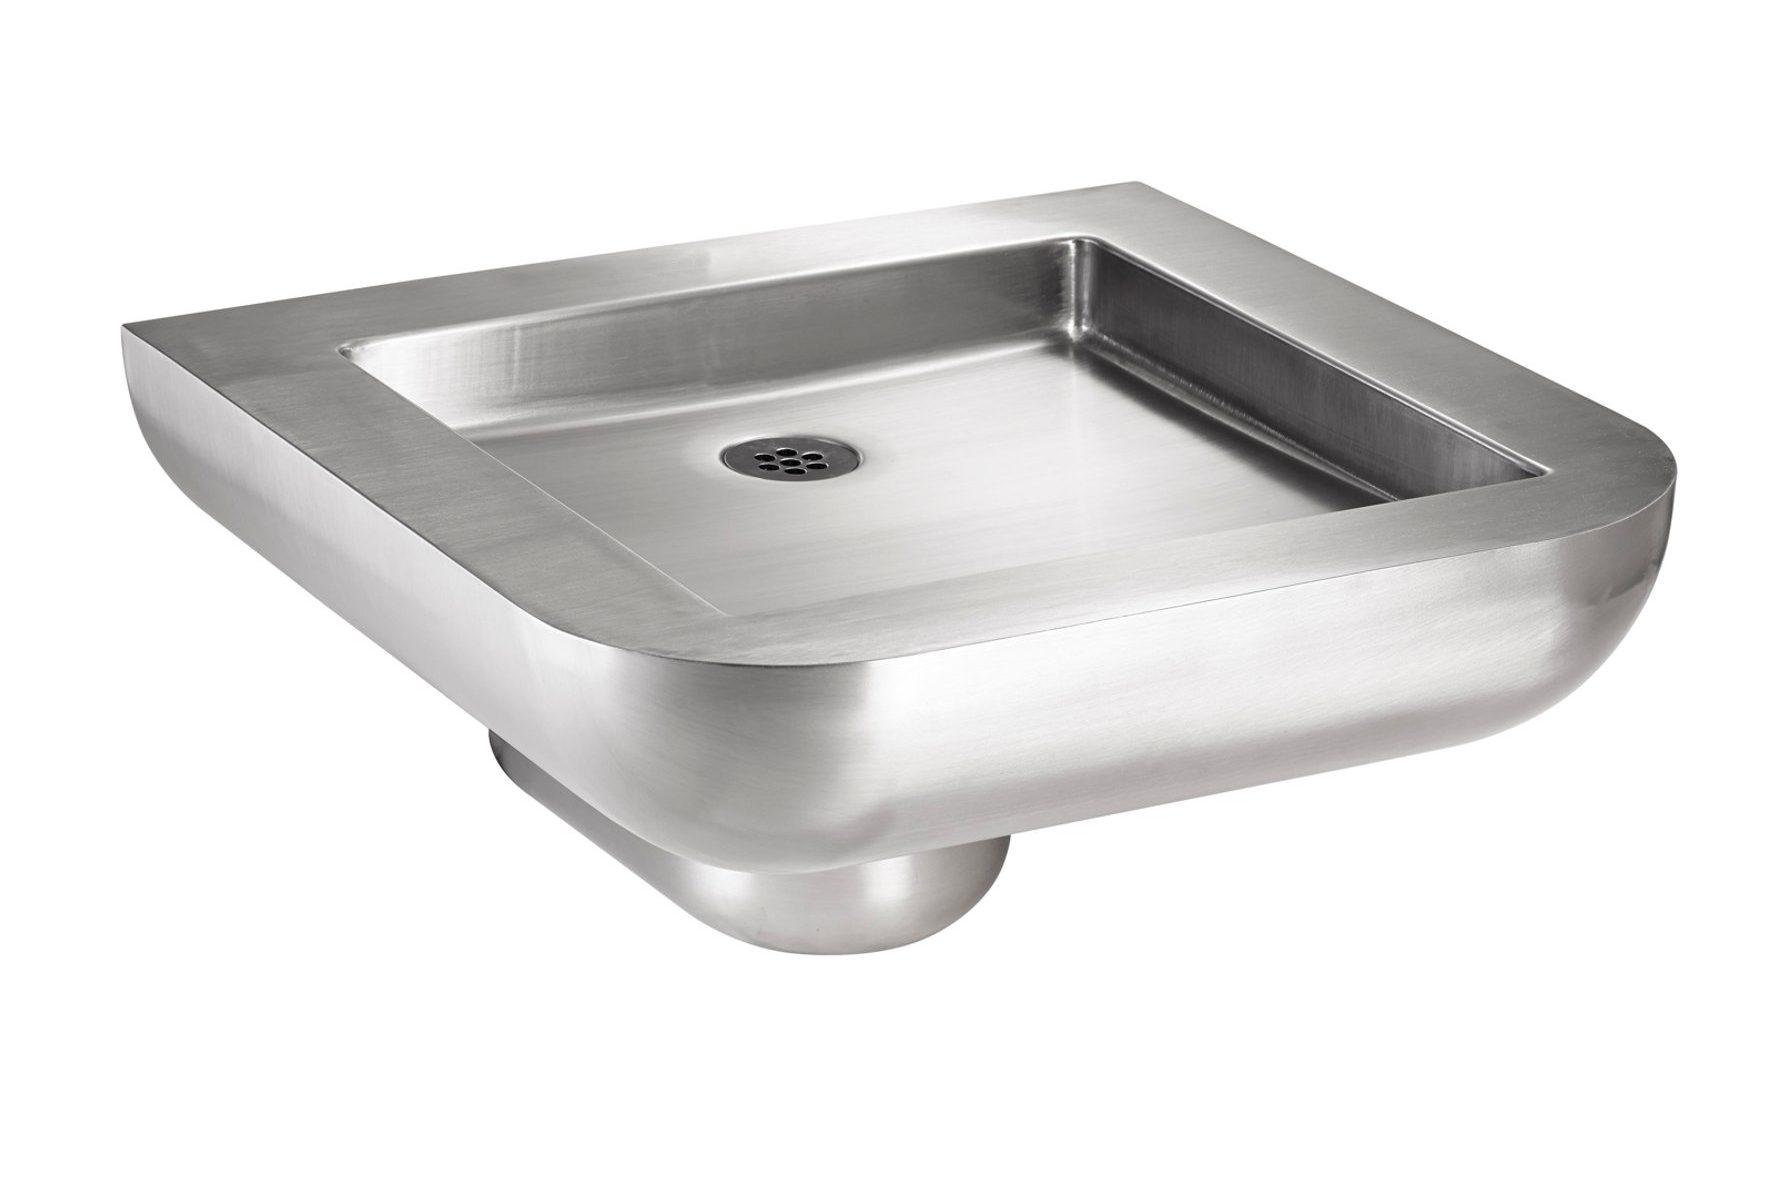 Edelstahl Behinderten-Waschtisch 55x55x130-280